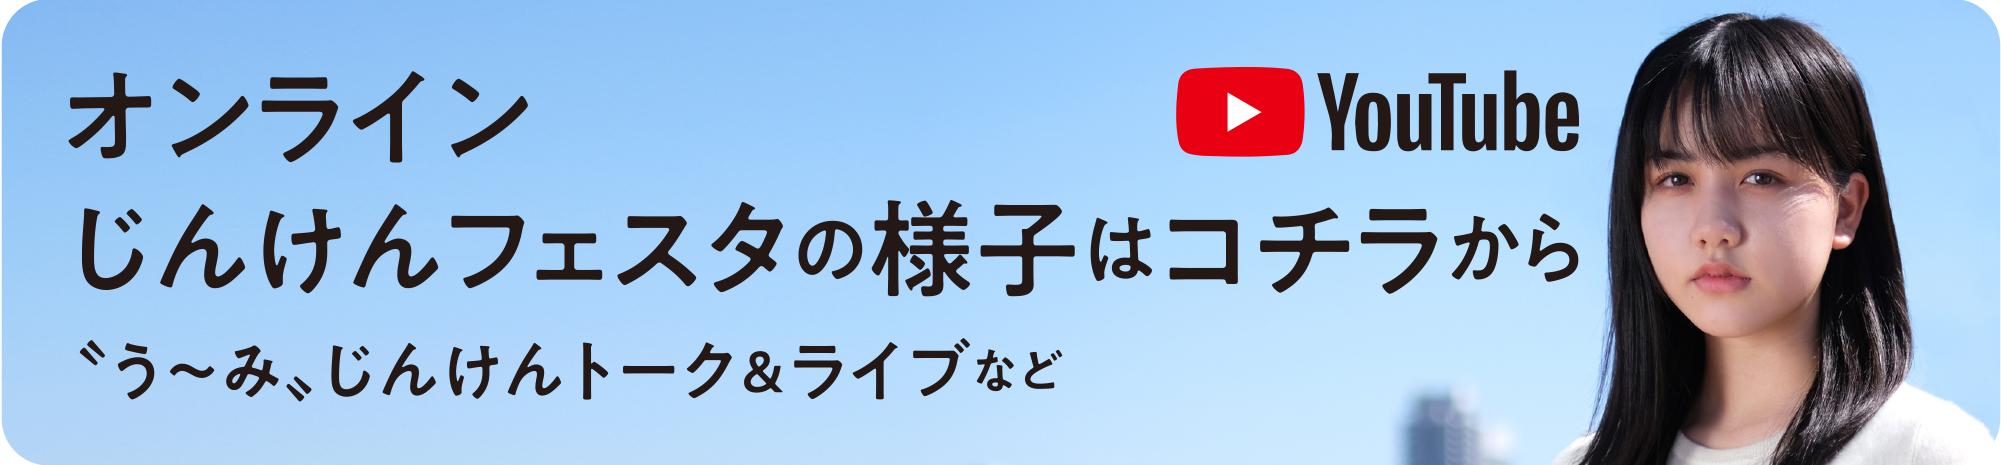 人権オンラインフェスタアーカイブ